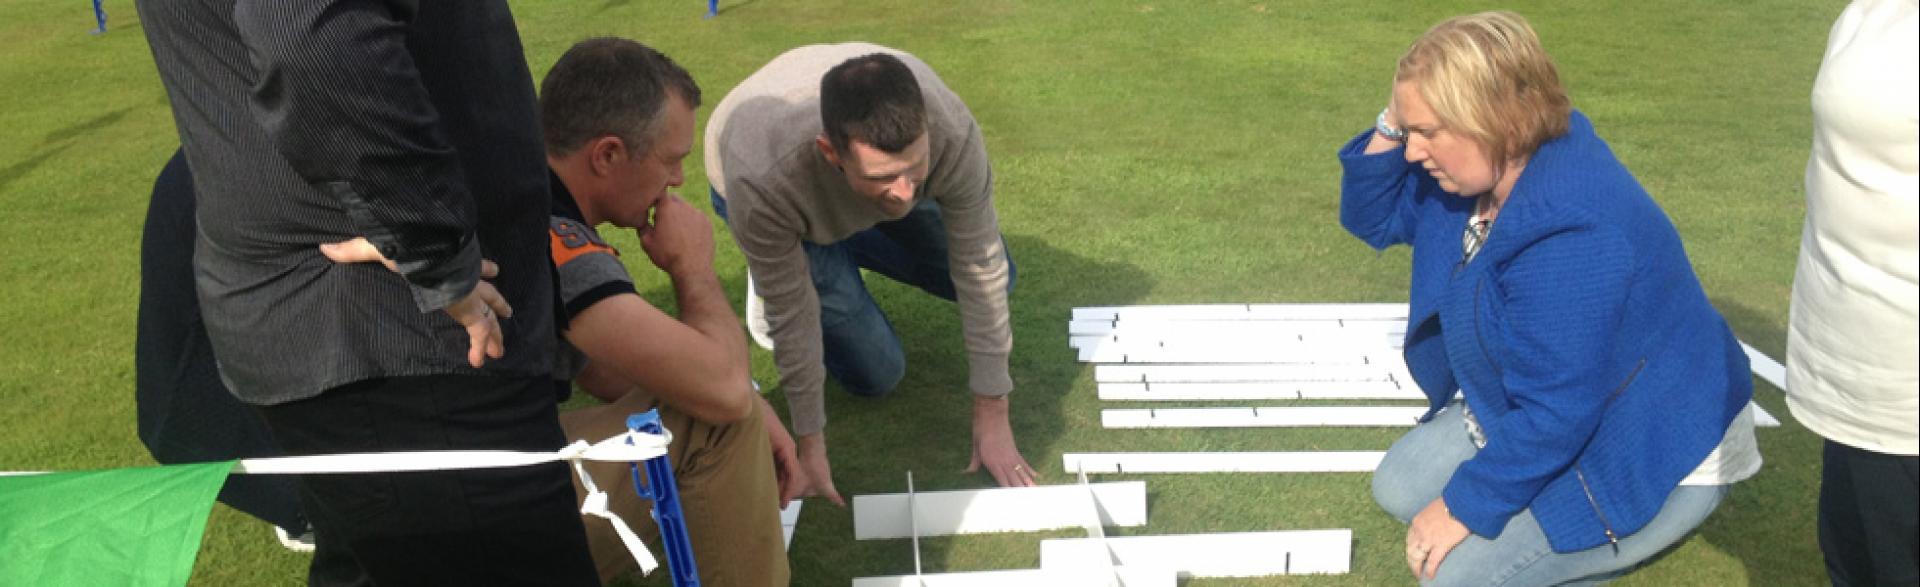 Team Building, Renfrewshire, August 2014